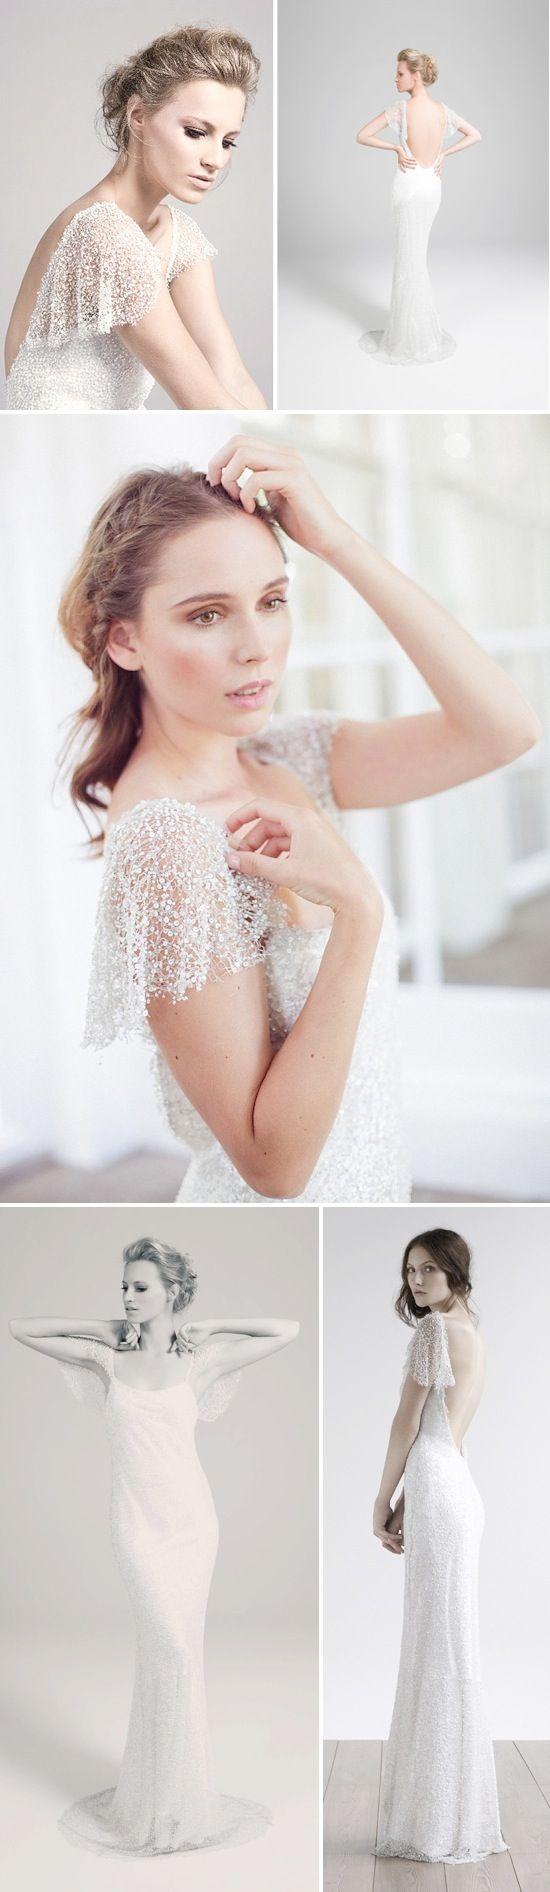 Amanda Garrett | Schneeflockenkleid - Hochzeitsideen, Hochzeitstrends und Hochzeitsgalerien